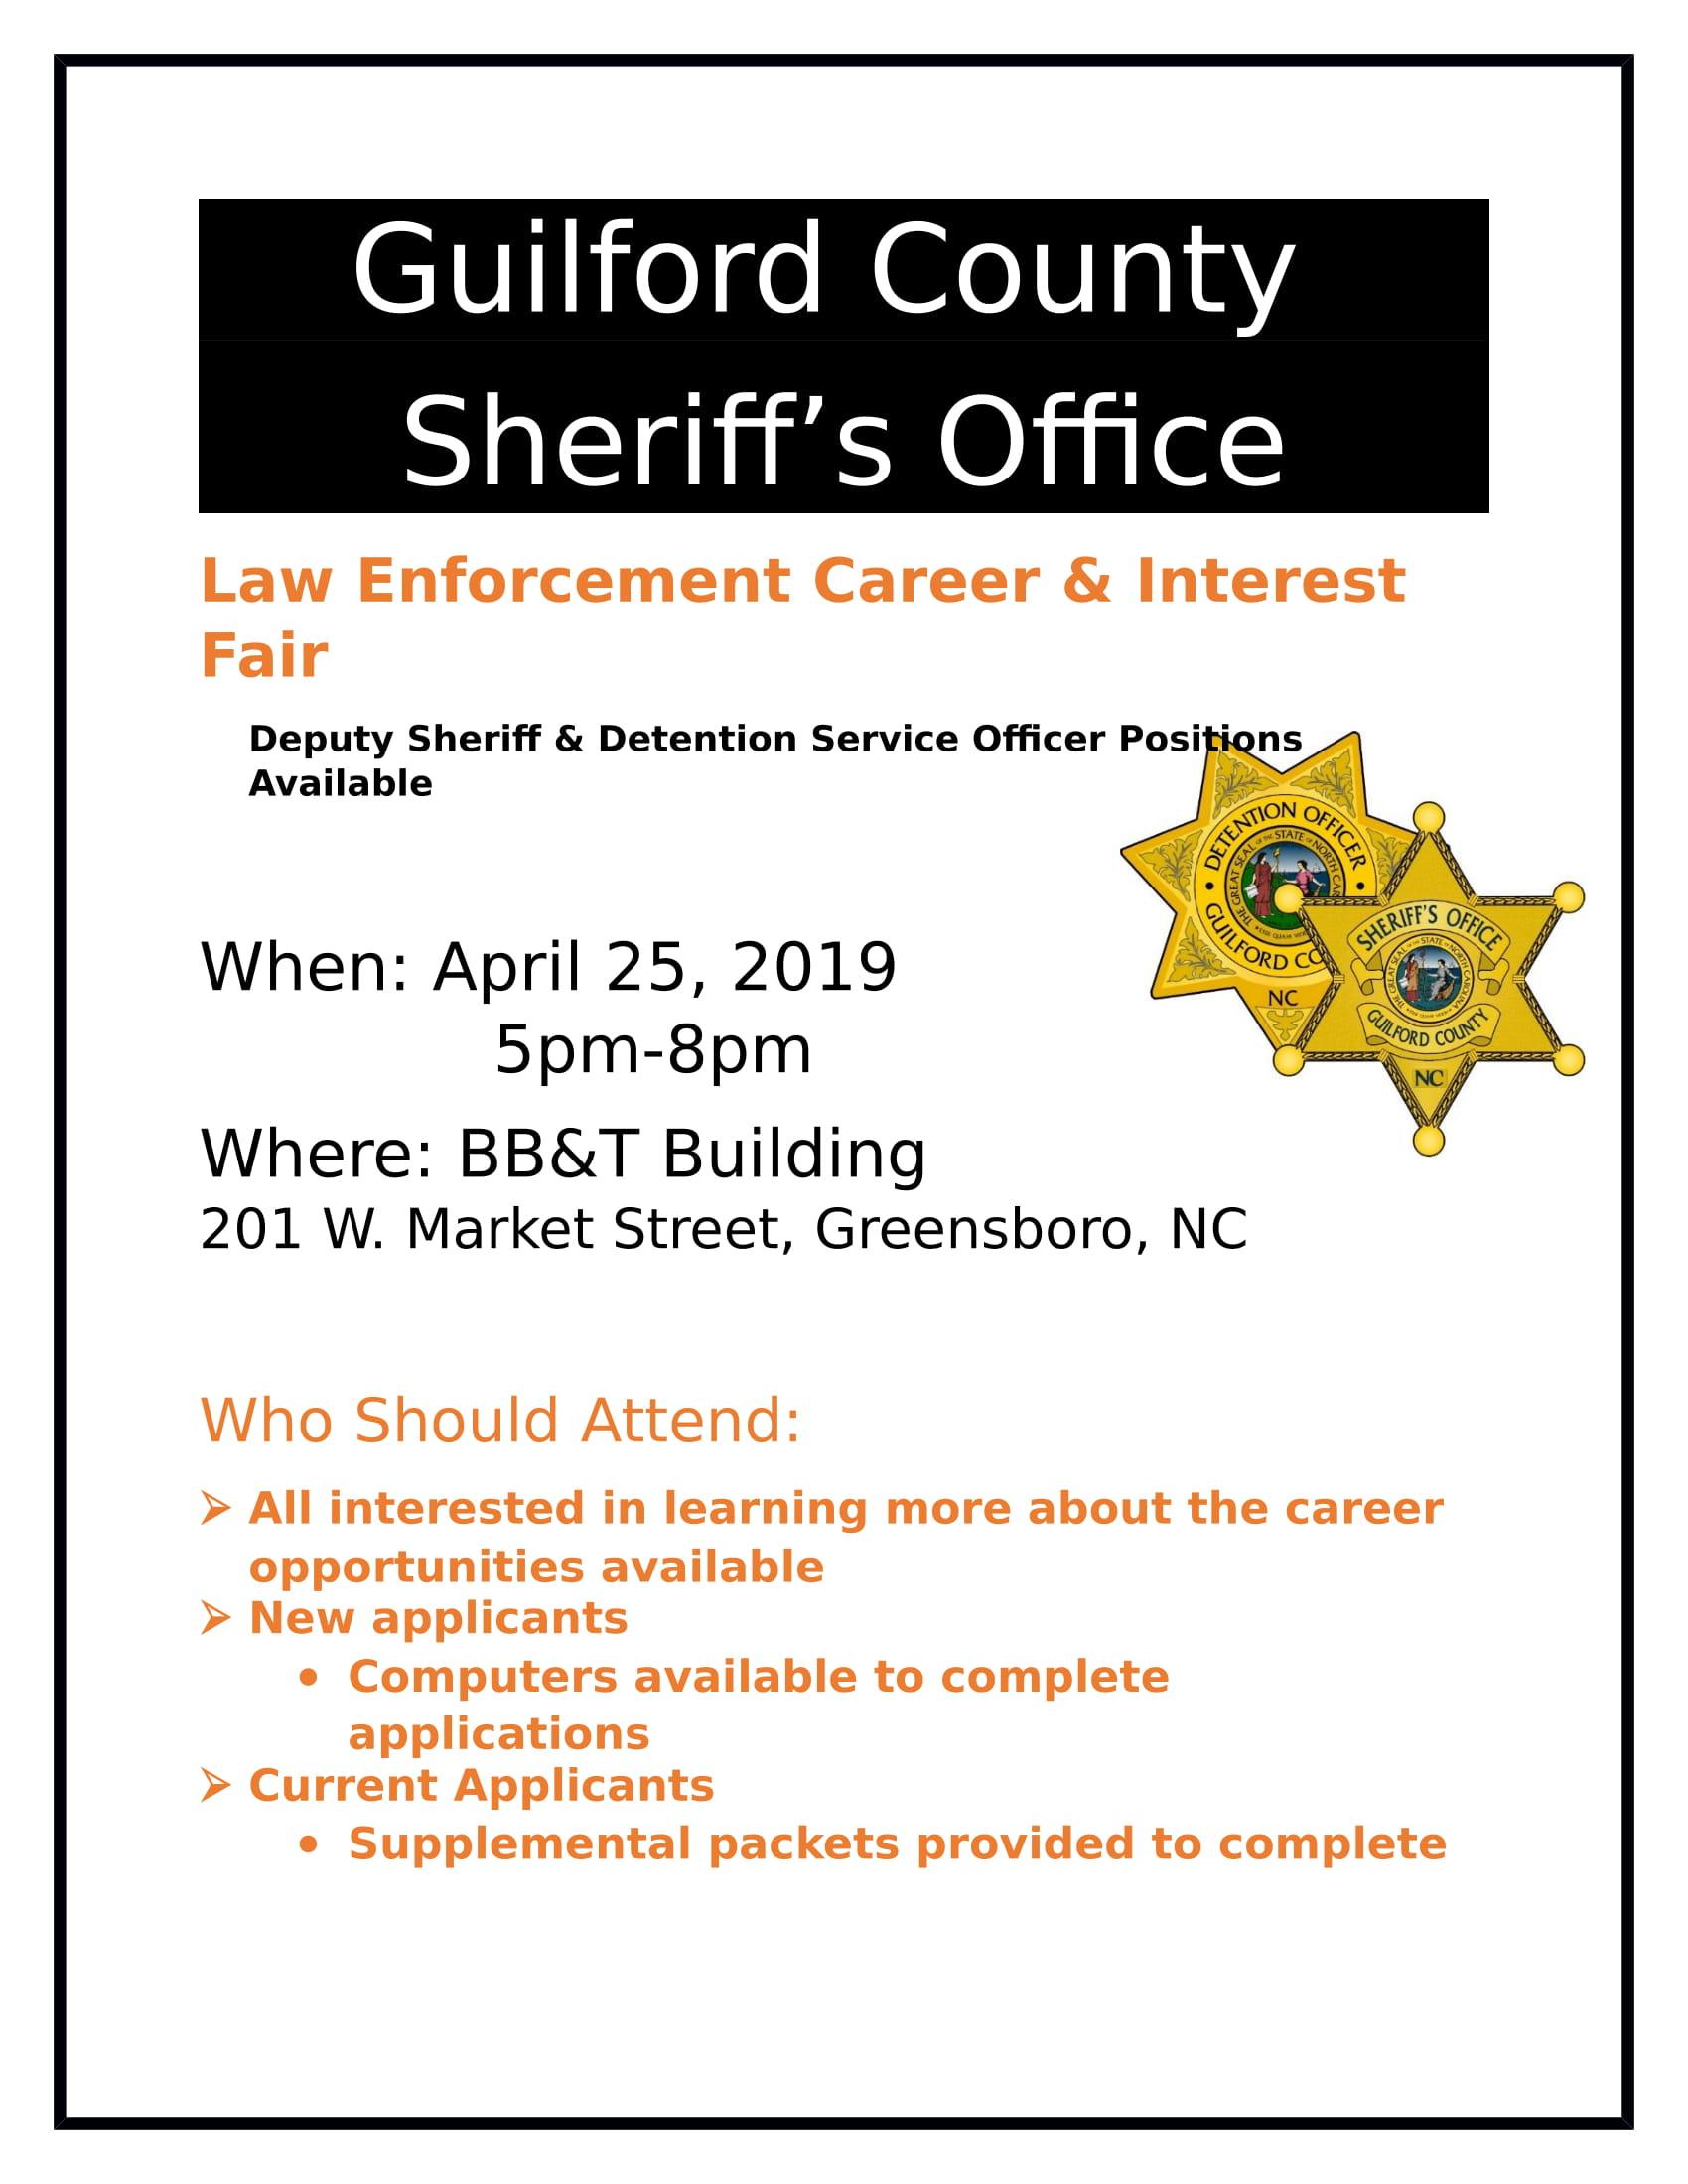 GCSO Law Enforcement Career & Interest Fair Announcement